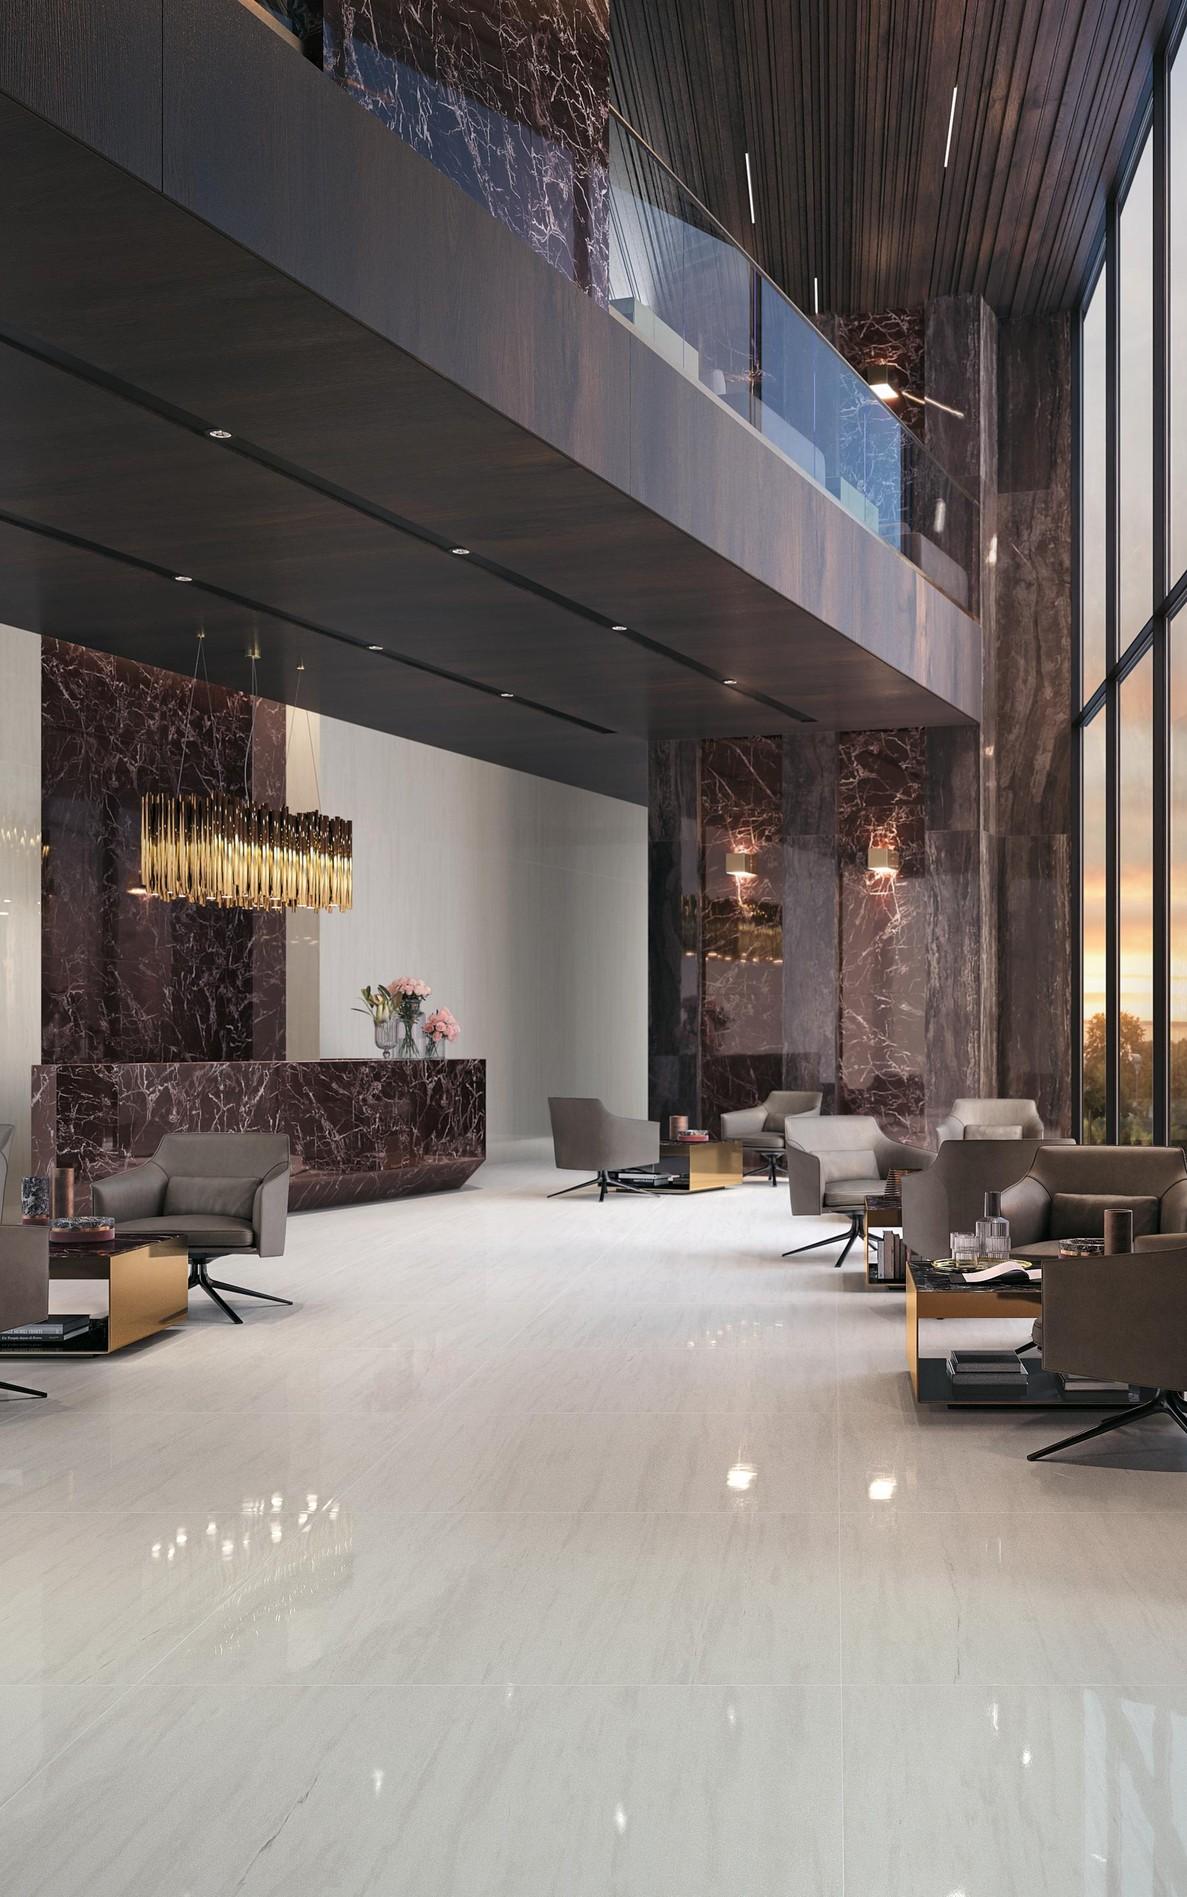 ungleich in der Leistung am besten wählen Kauf echt Hotel Hall - Atlas Concorde